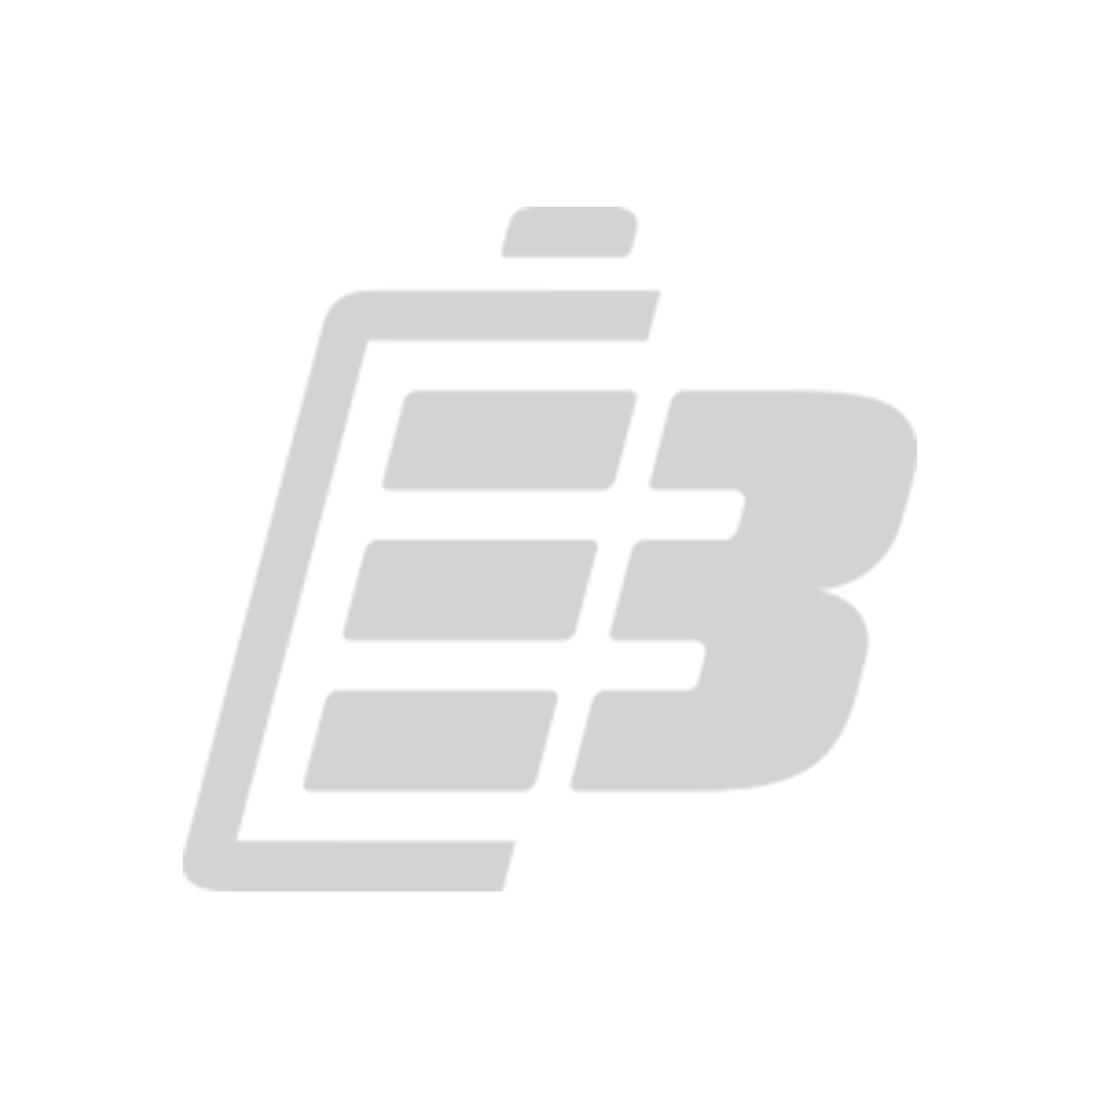 Μπαταρια Μολυβδου Multipower 6V 2.8Ah